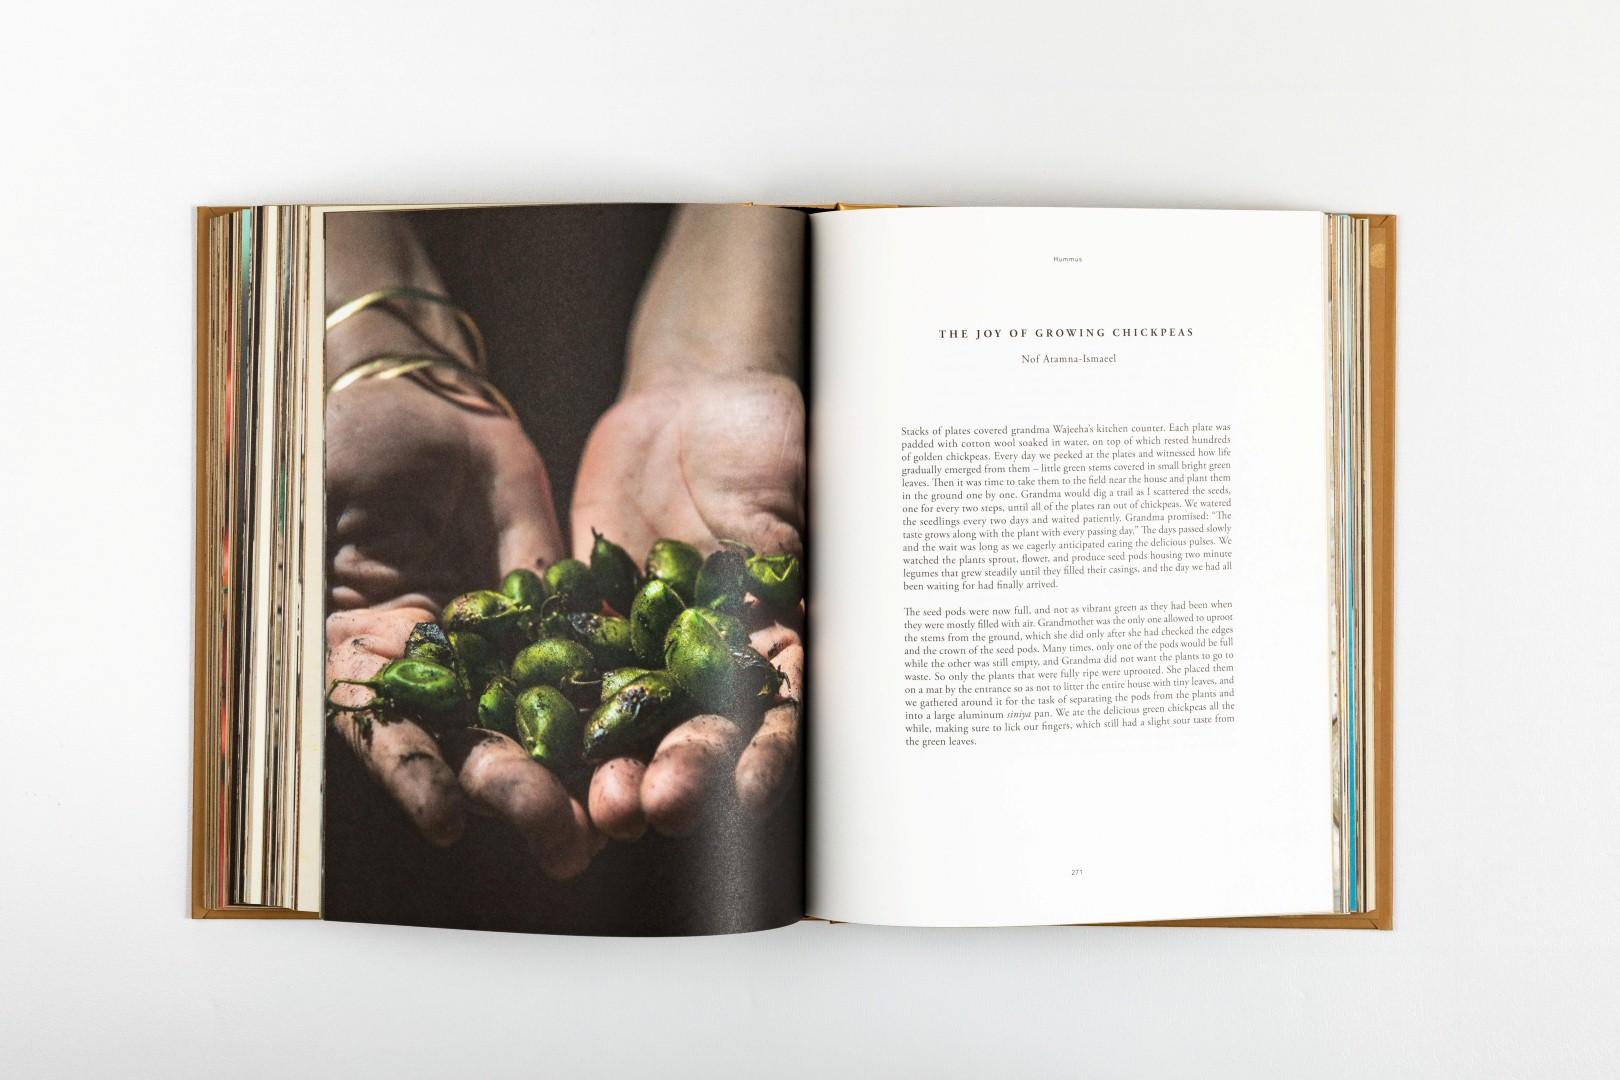 צילומים מתוך ספר החומוס של אריאל רוזנטל (צילום מתוך הספר)